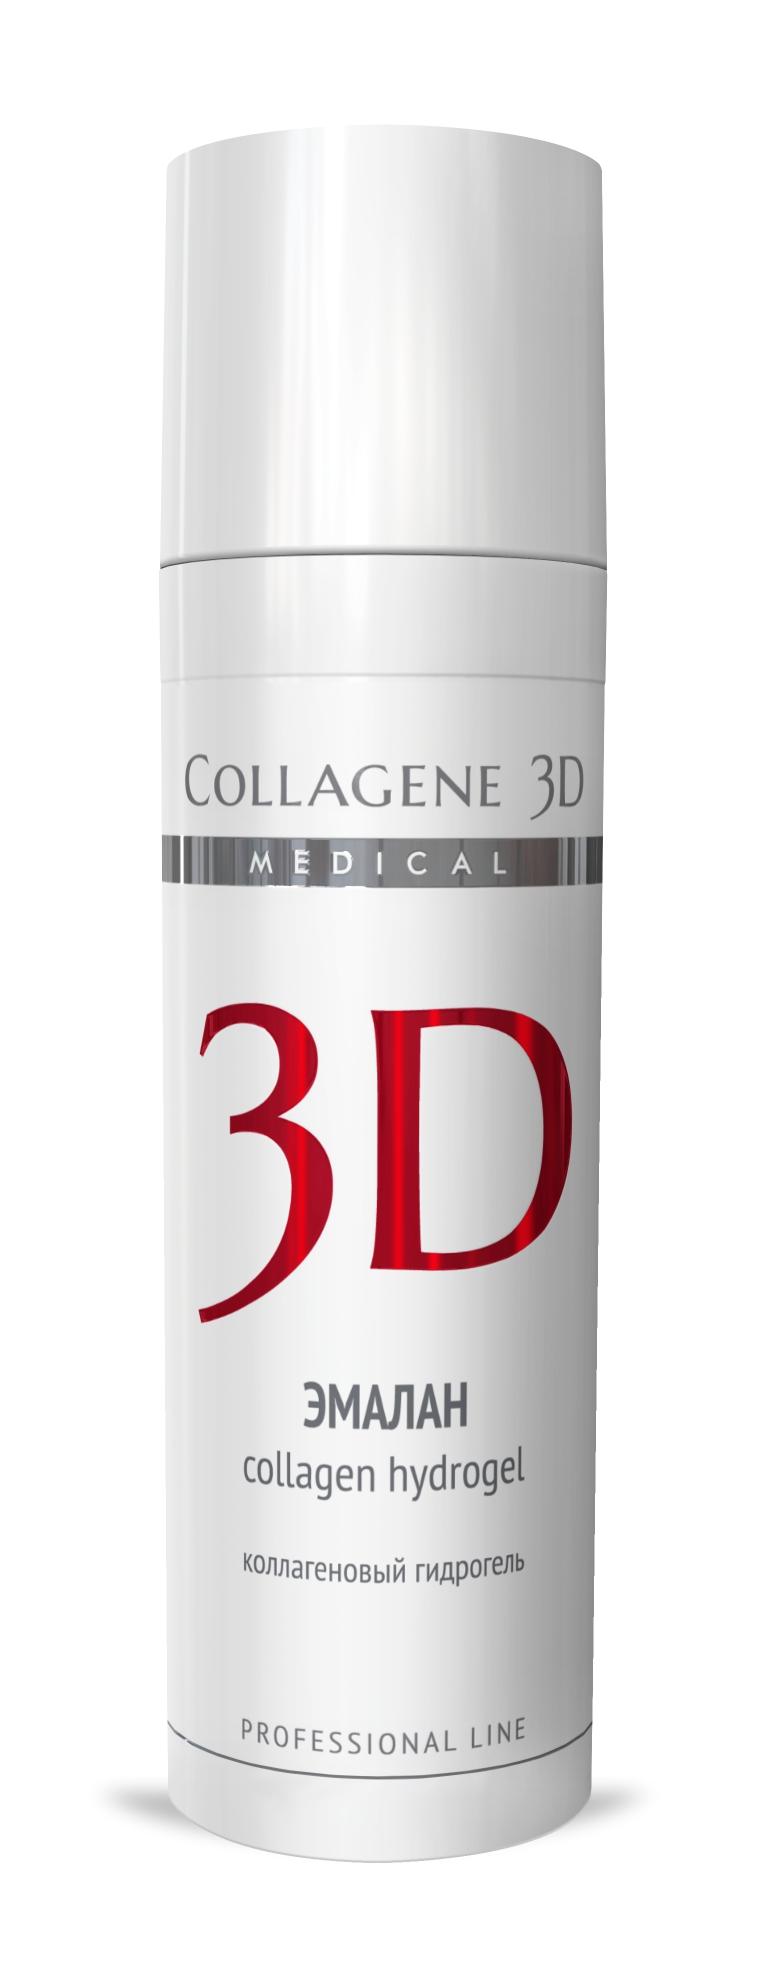 MEDICAL COLLAGENE 3D Гидрогель коллагеновый с аллантоином, димексидом Эмалан 30мл проф.Гели<br>Коллагеновый гидрогель, созданный для лечения любых патологий кожи и слизистых. Применяют - в период реабилитации после агрессивных и инвазивных косметических процедур, для лечения кожных заболеваний: угревой болезни, псориаза, демодекоза, а также для устранения последствий ожогов, ран, ссадин. Активные ингредиенты: нативный трехспиральный коллаген, эмоксипин, аллантоин, димексид. Способ применения: гель наносят локально на проблемные участки кожи тонким слоем, дают немного подсохнуть, процедуру желательно проводить несколько раз в день.<br>